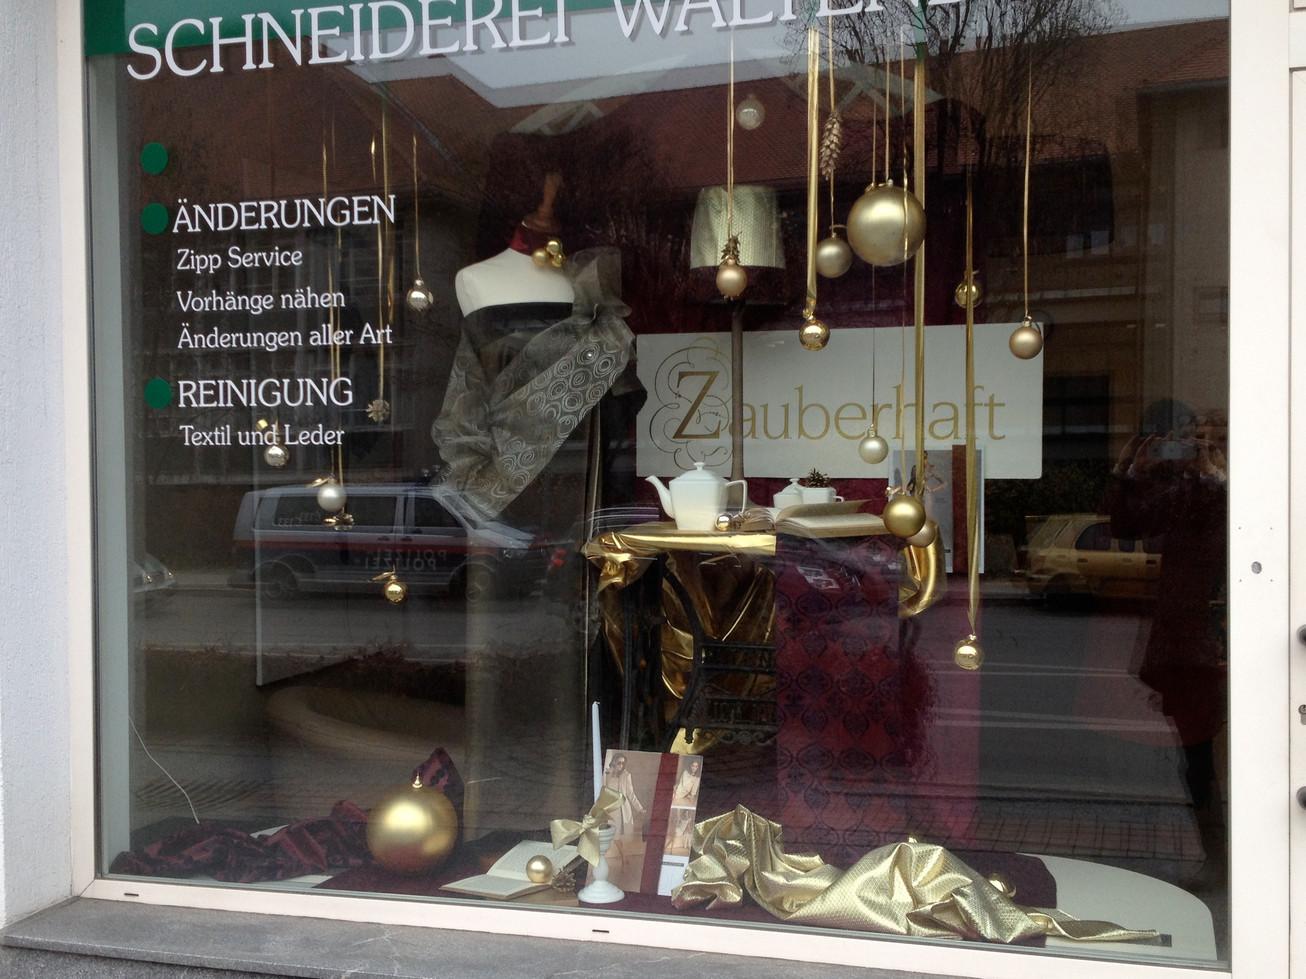 Schneiderei geidorf isolde skrabitz for Schaufensterdekoration schmuck